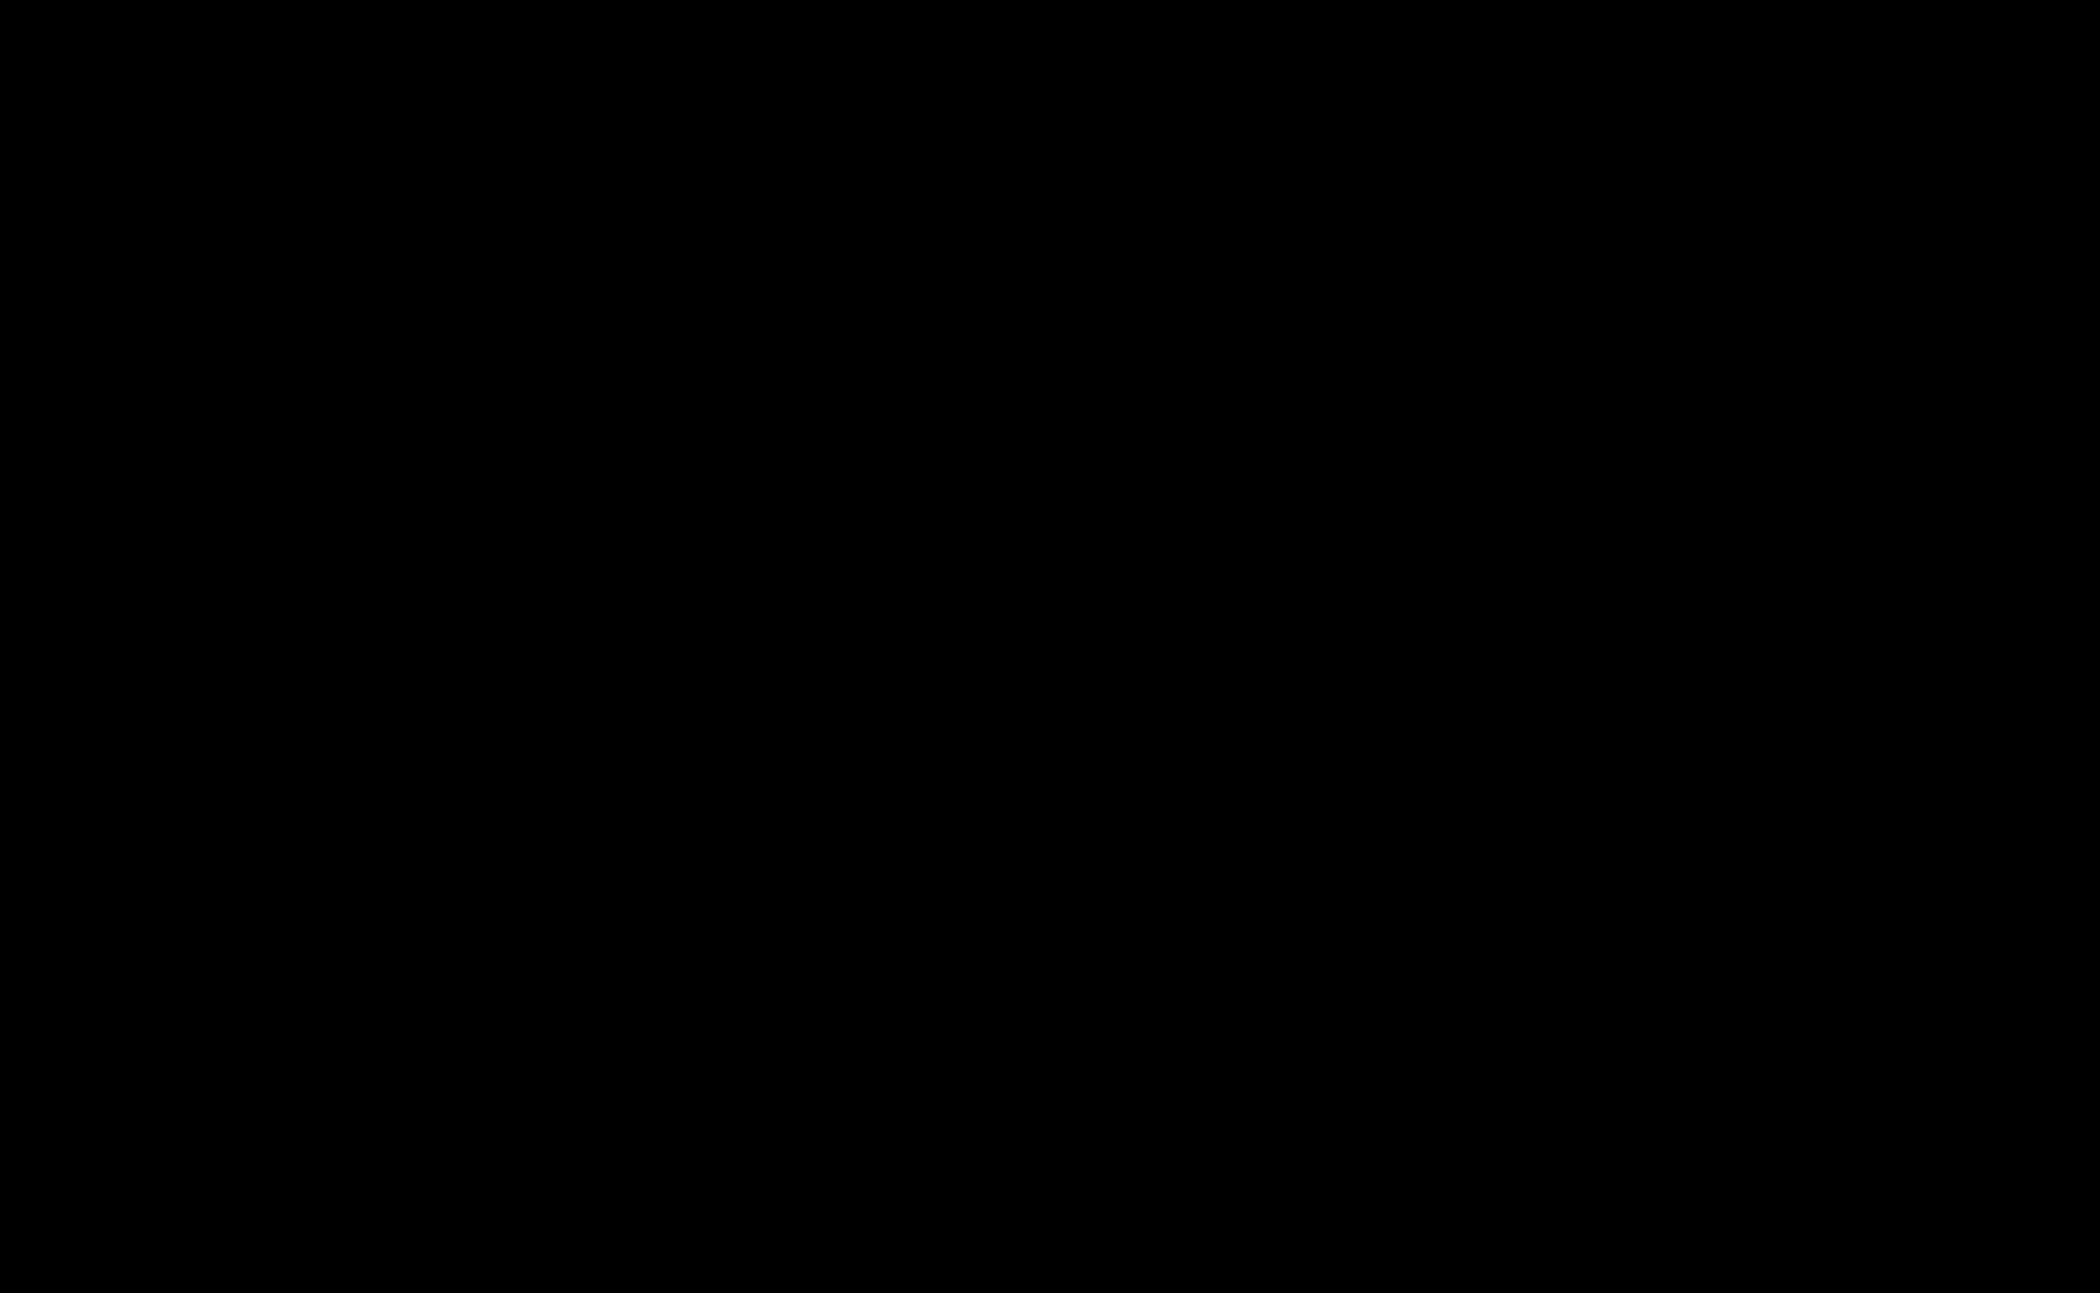 converse-logo-2